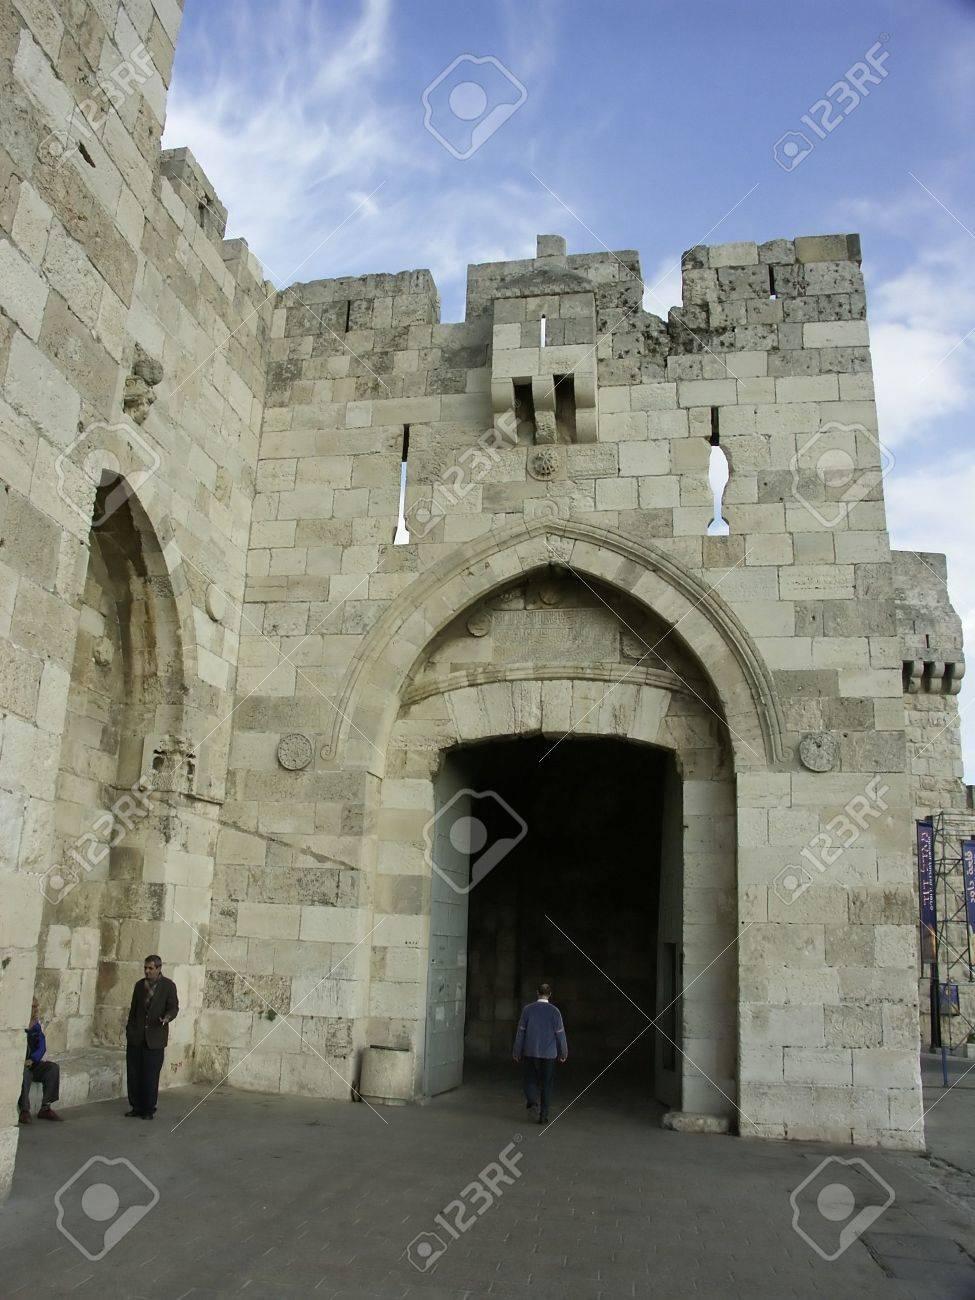 jaffa gate in jerusalem old city